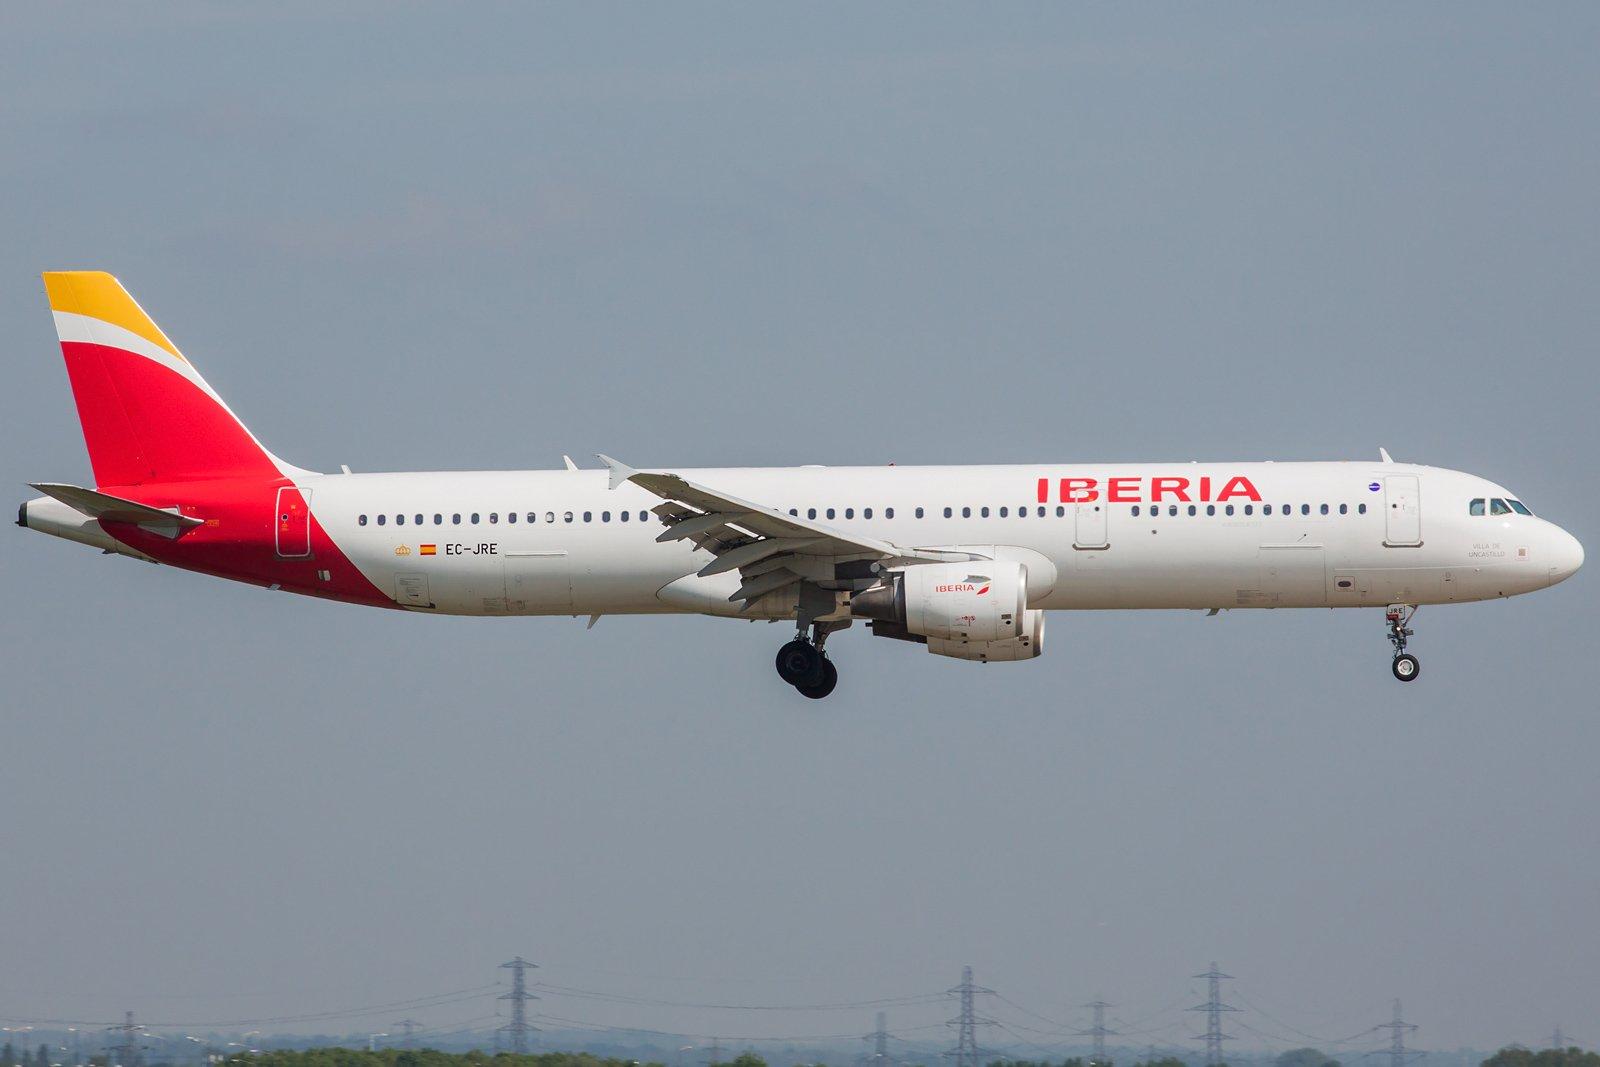 Iberia Airbus A321-212 EC-JRE